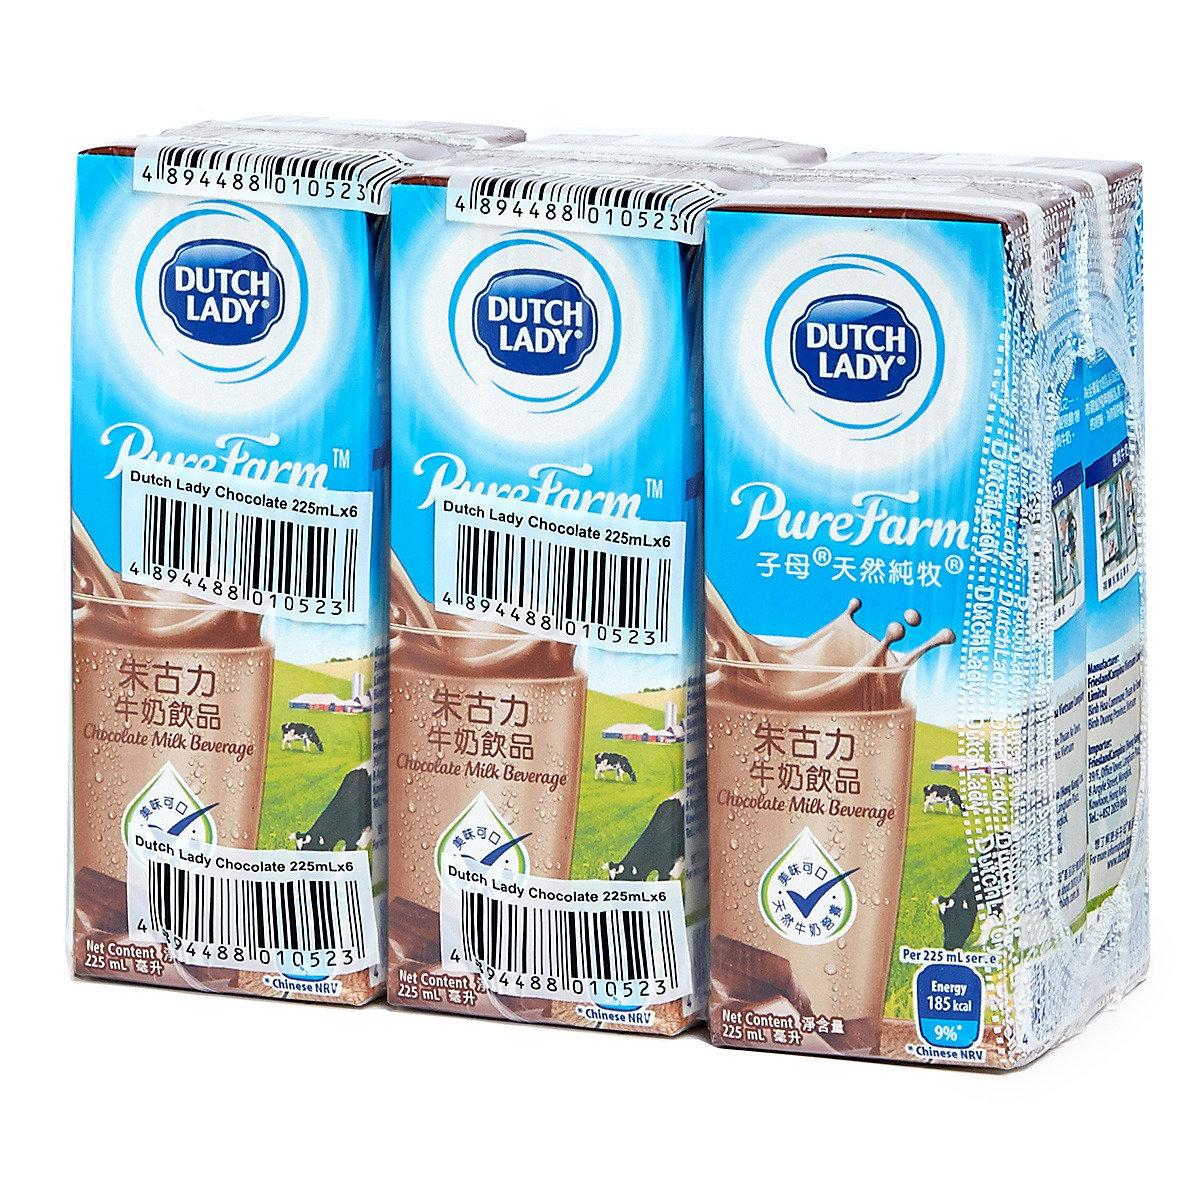 天然純牧朱古力牛奶飲品